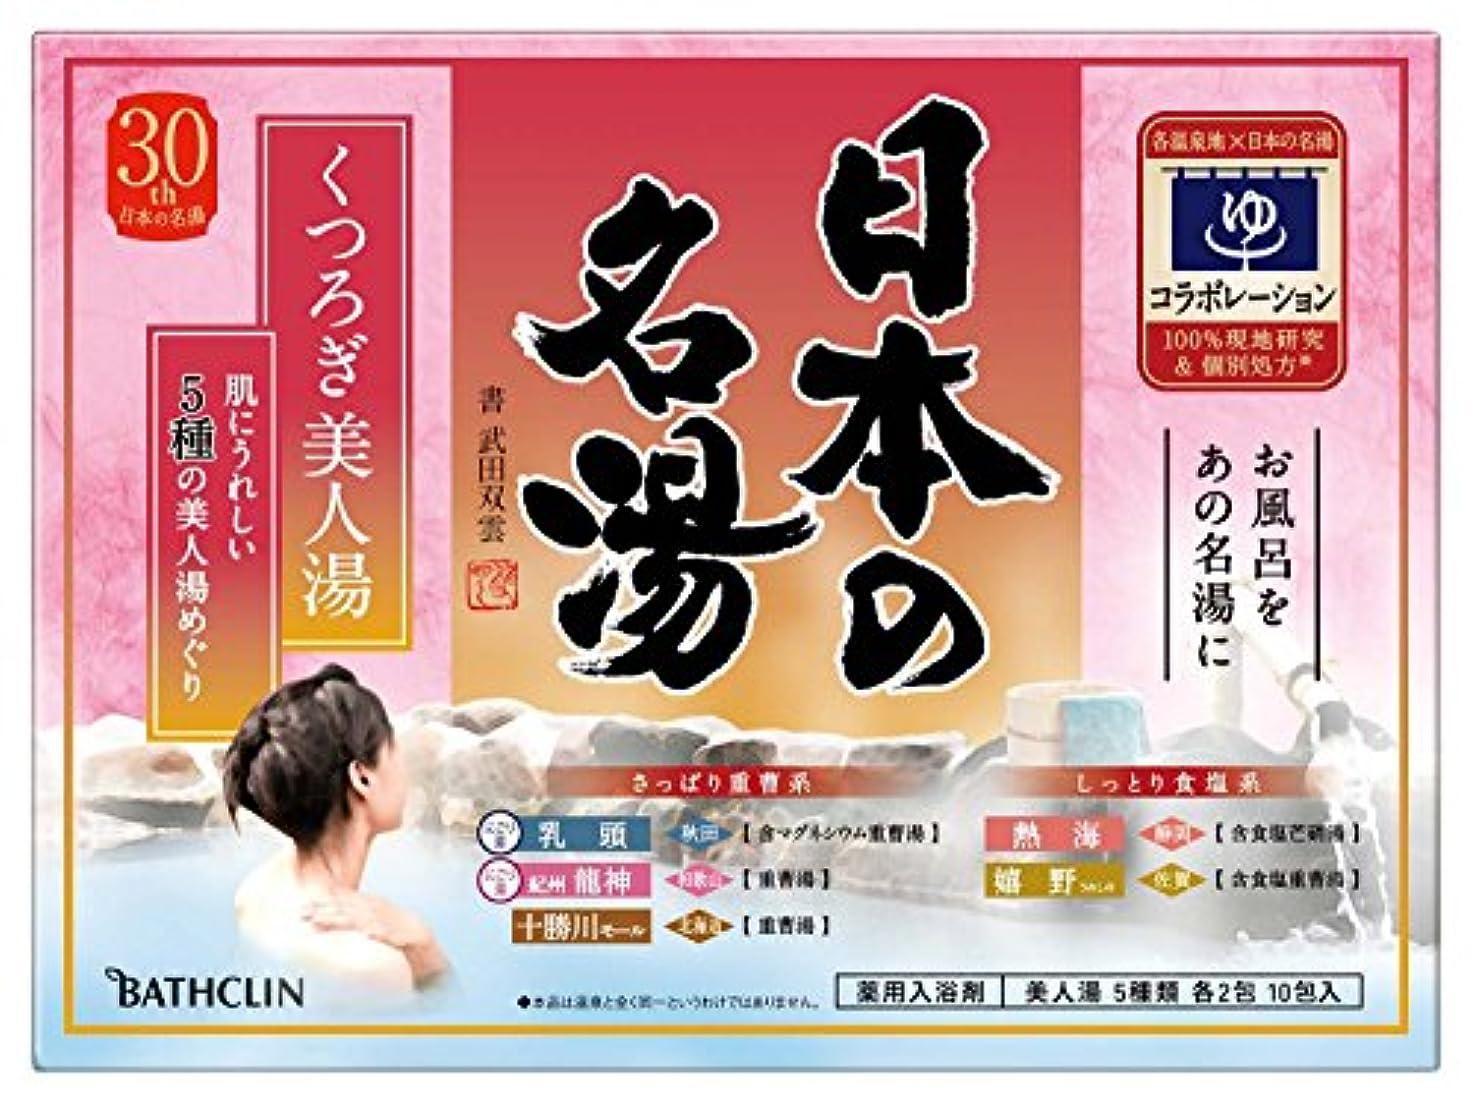 先のことを考えるパン屋対応する【医薬部外品】日本の名湯入浴剤 くつろぎ美人湯 30g ×10包 個包装 詰め合わせ 温泉タイプ